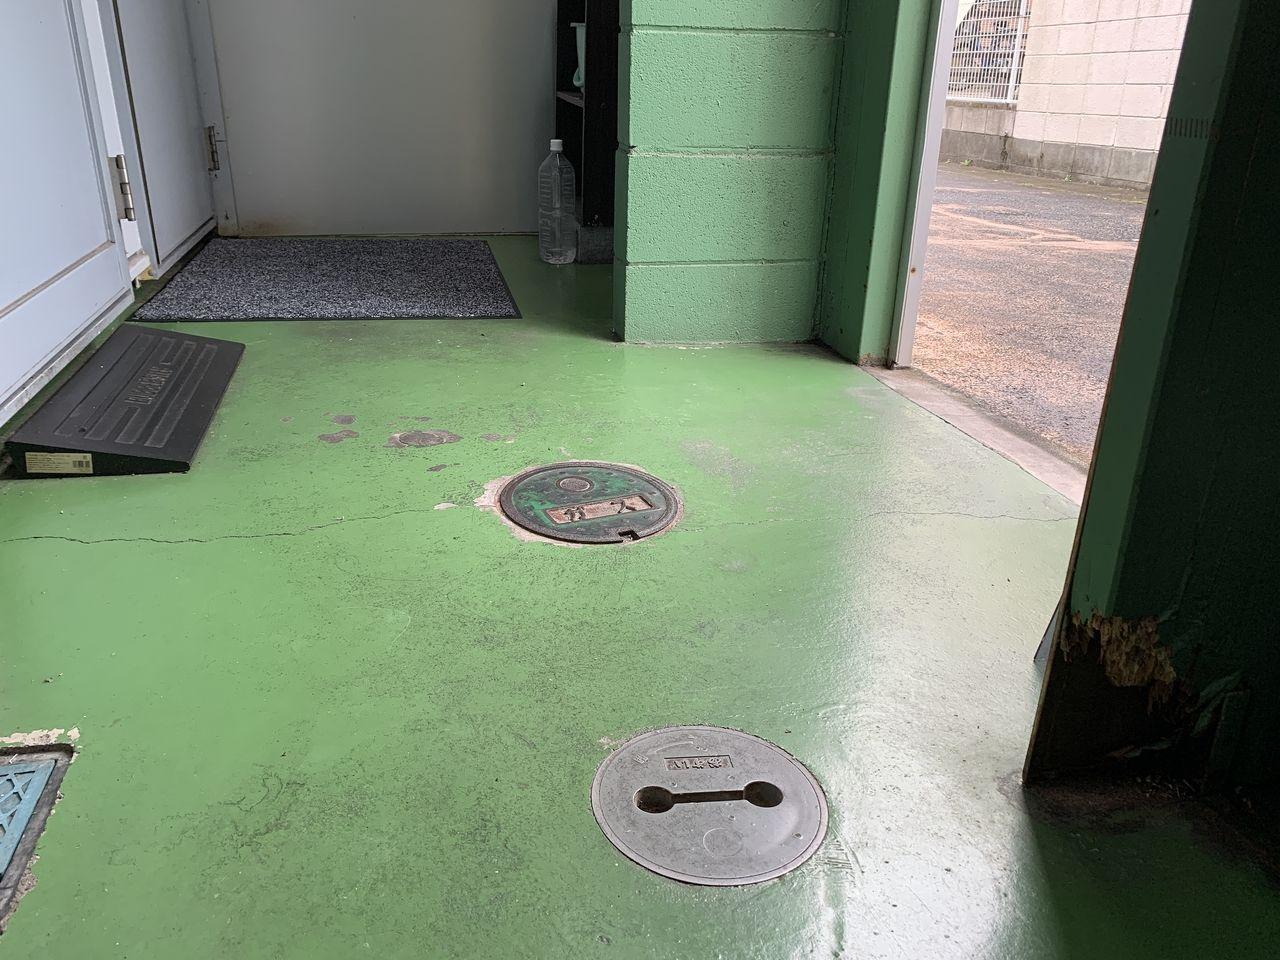 ア・ス・ヴェルデⅢの共用スペースの床の水拭き掃除をしました。